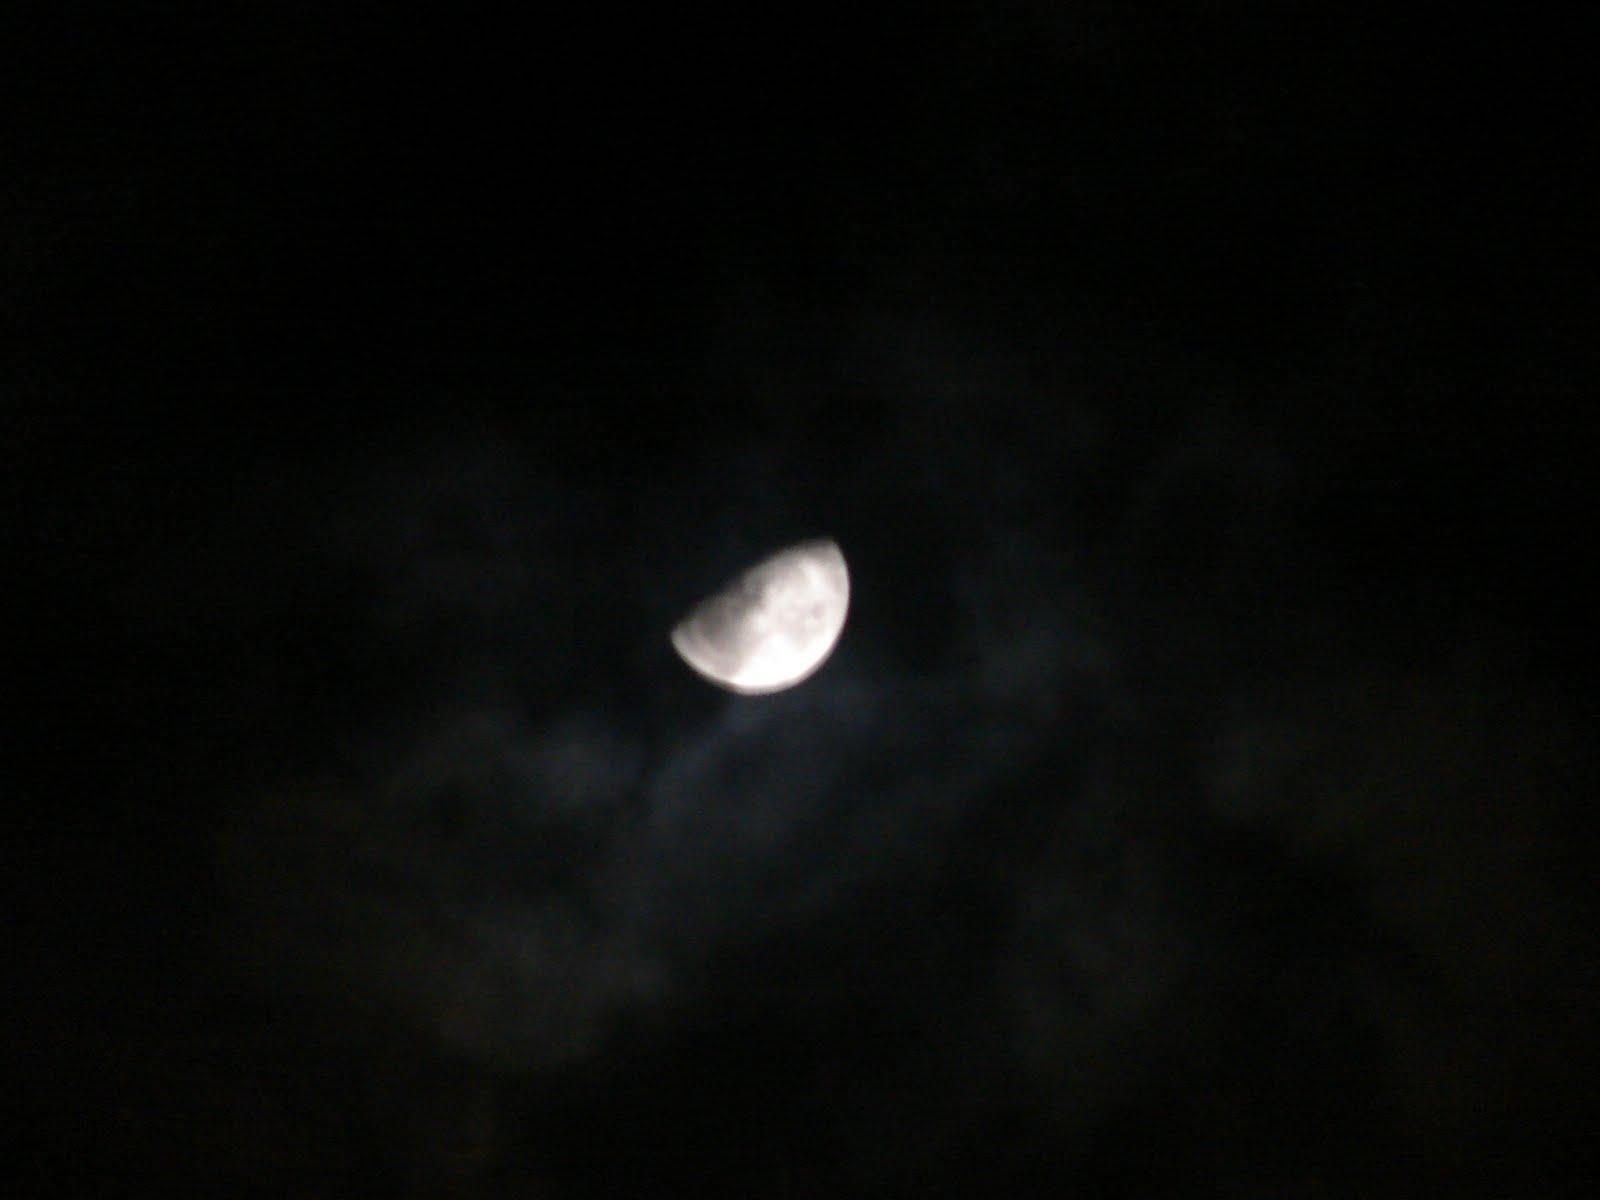 15-ENERO-2012 NEWS PICS DE LA LUNA sec ...ufo.